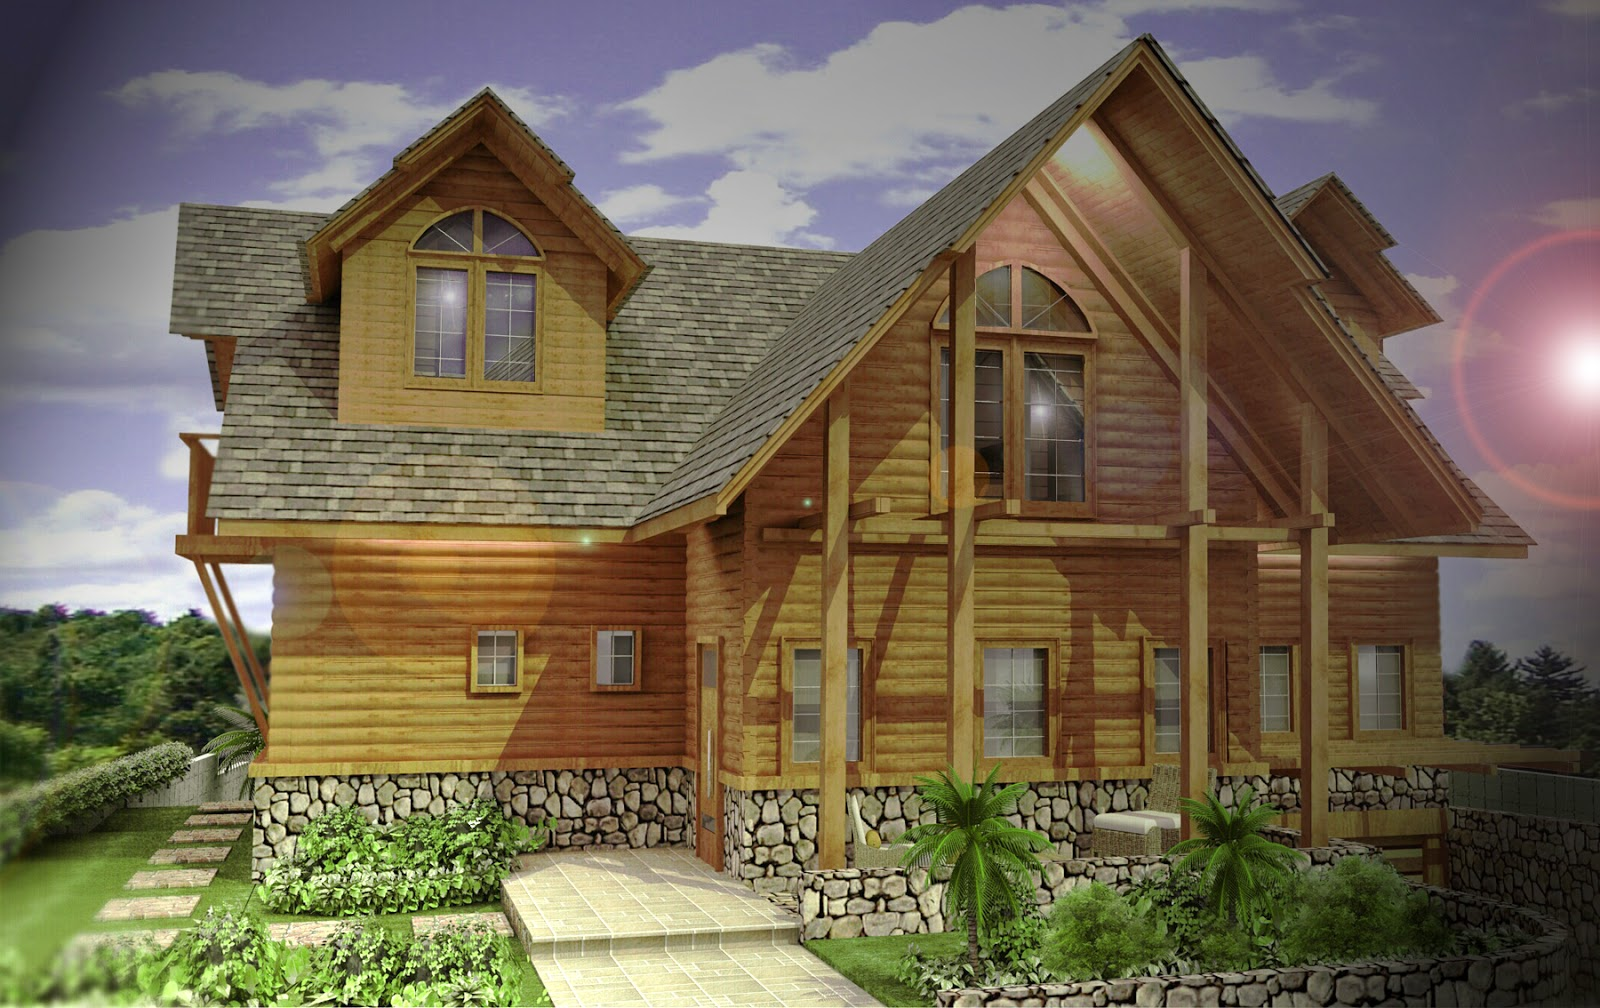 Desain Rumah Kayu Minimalis 1 Lantai Marte Designs  Rumah